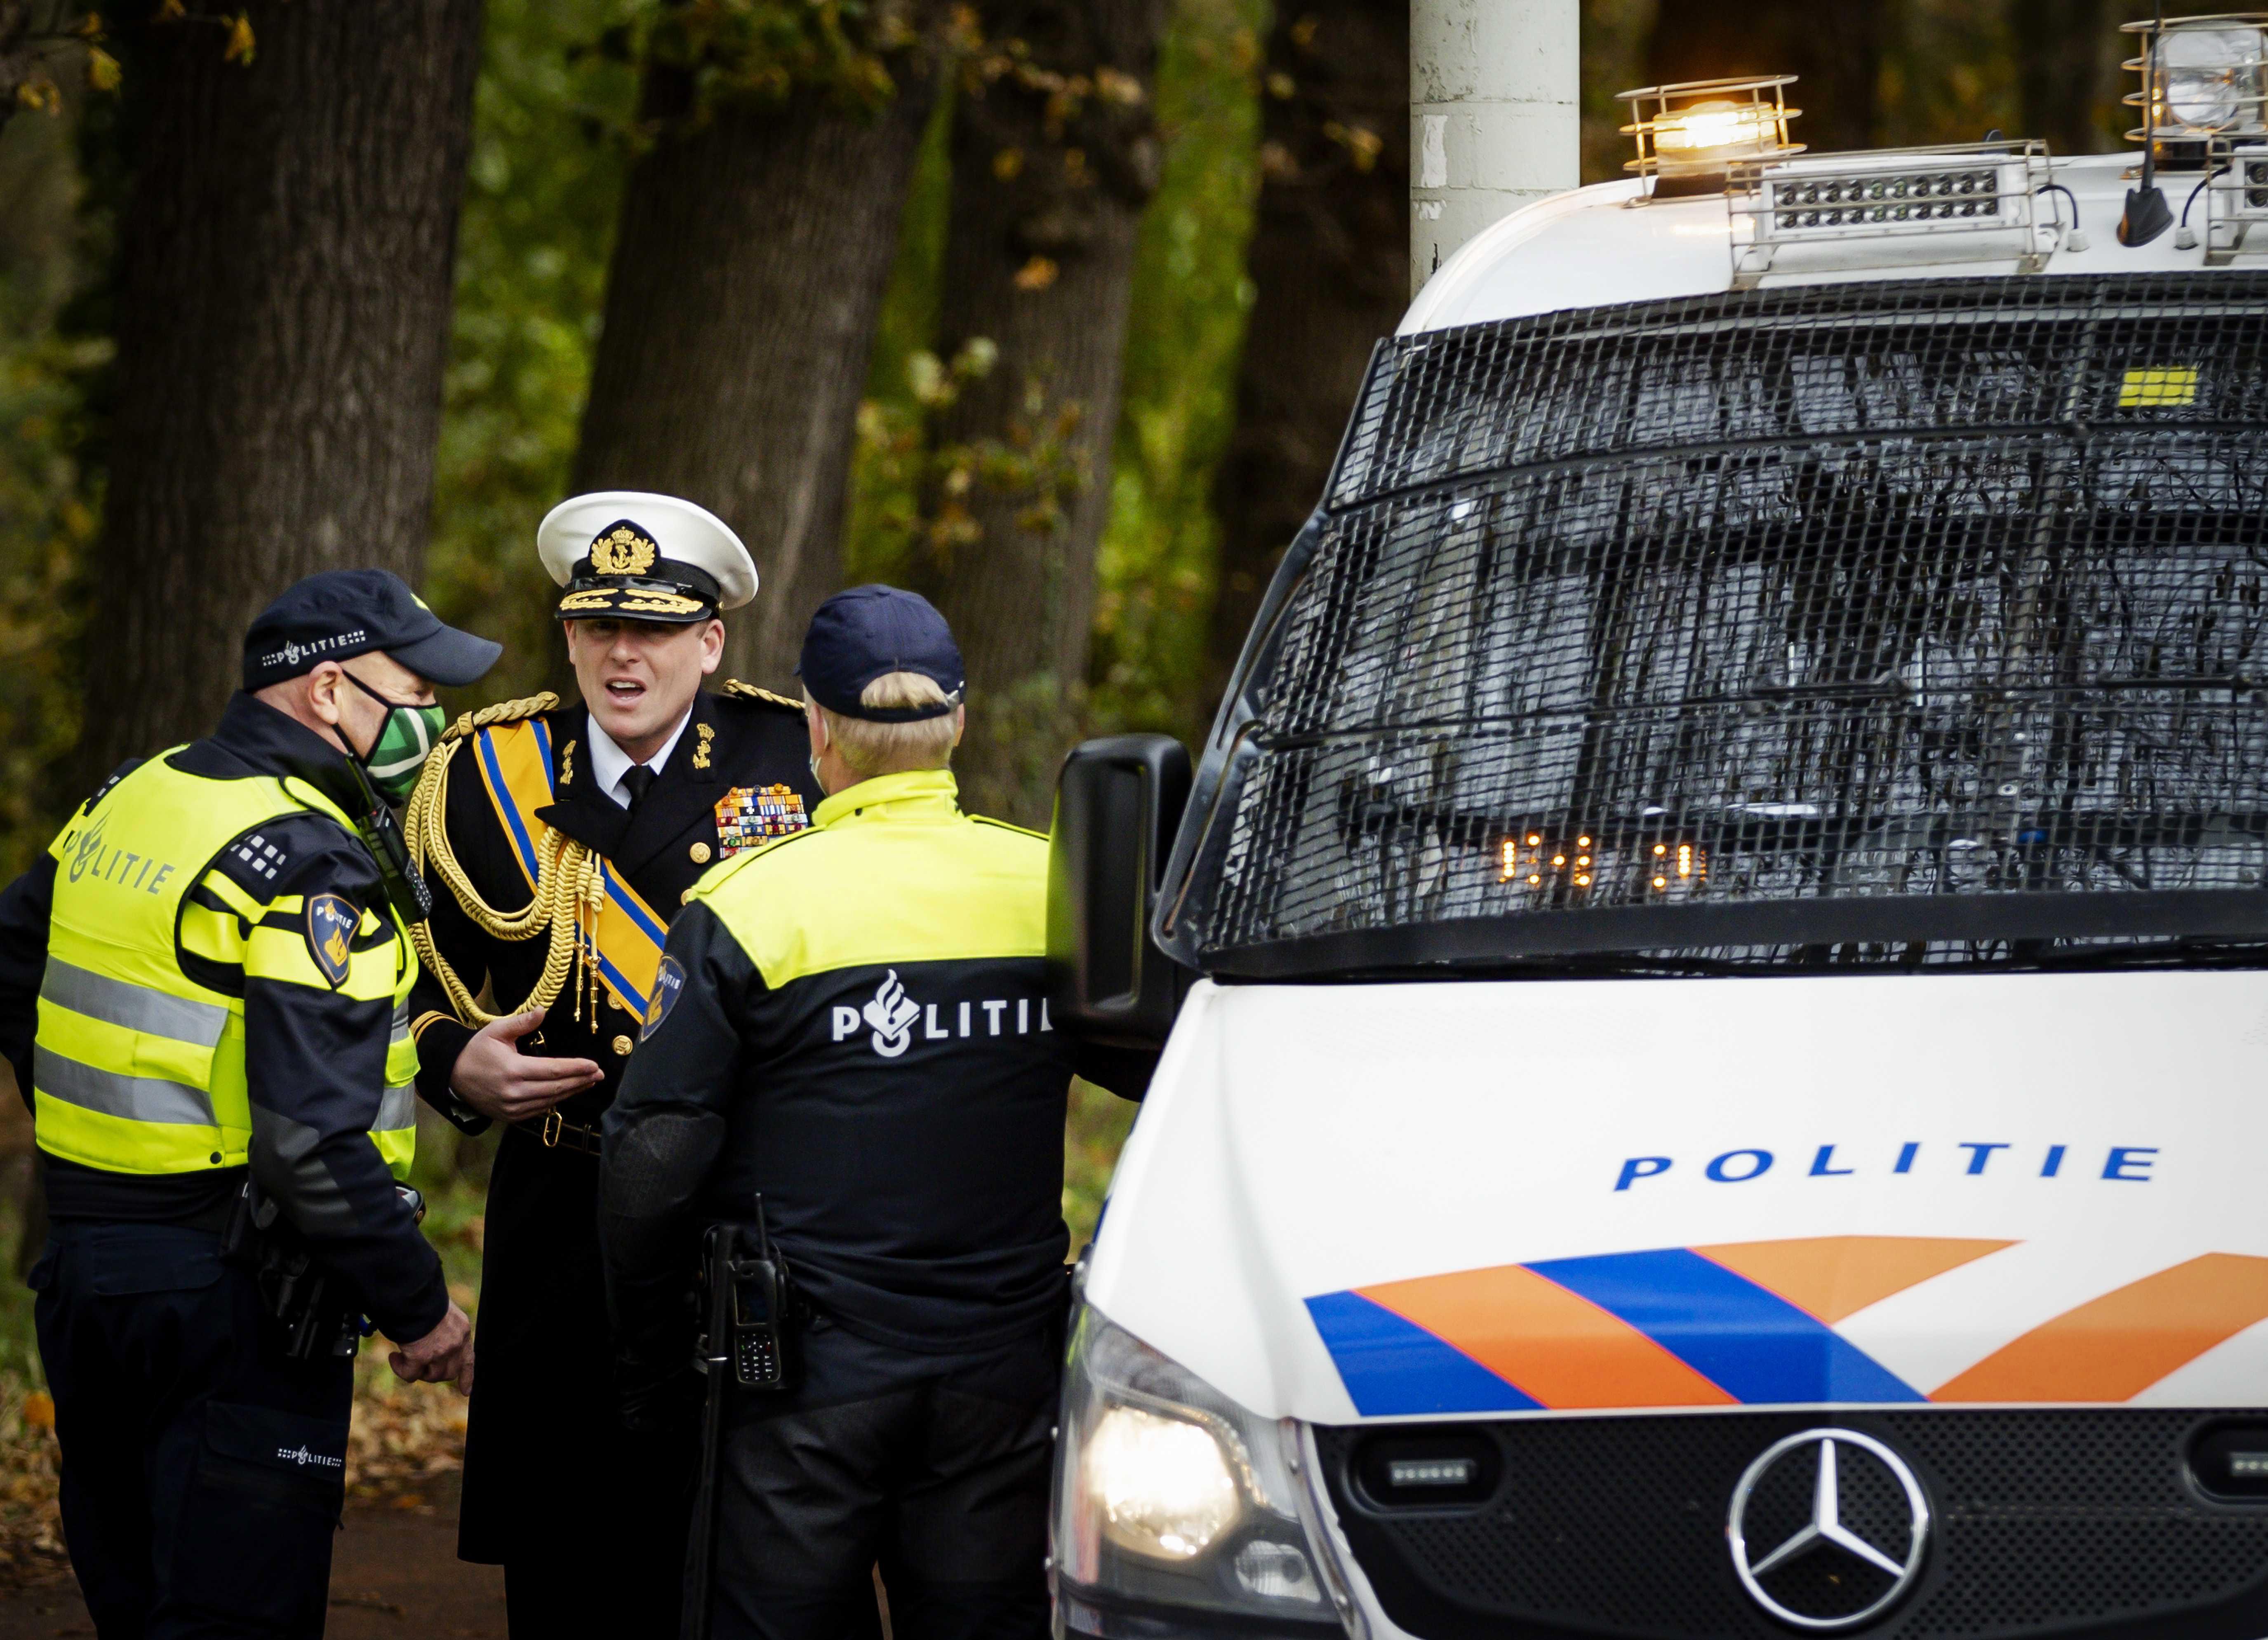 Rijksopkoopregeling voor boeren stuit gedeputeerde Esther Rommel tegen liberale hart: 'Praat met mij, dan hoef je niet de rest van je leven op te houden boer te zijn'